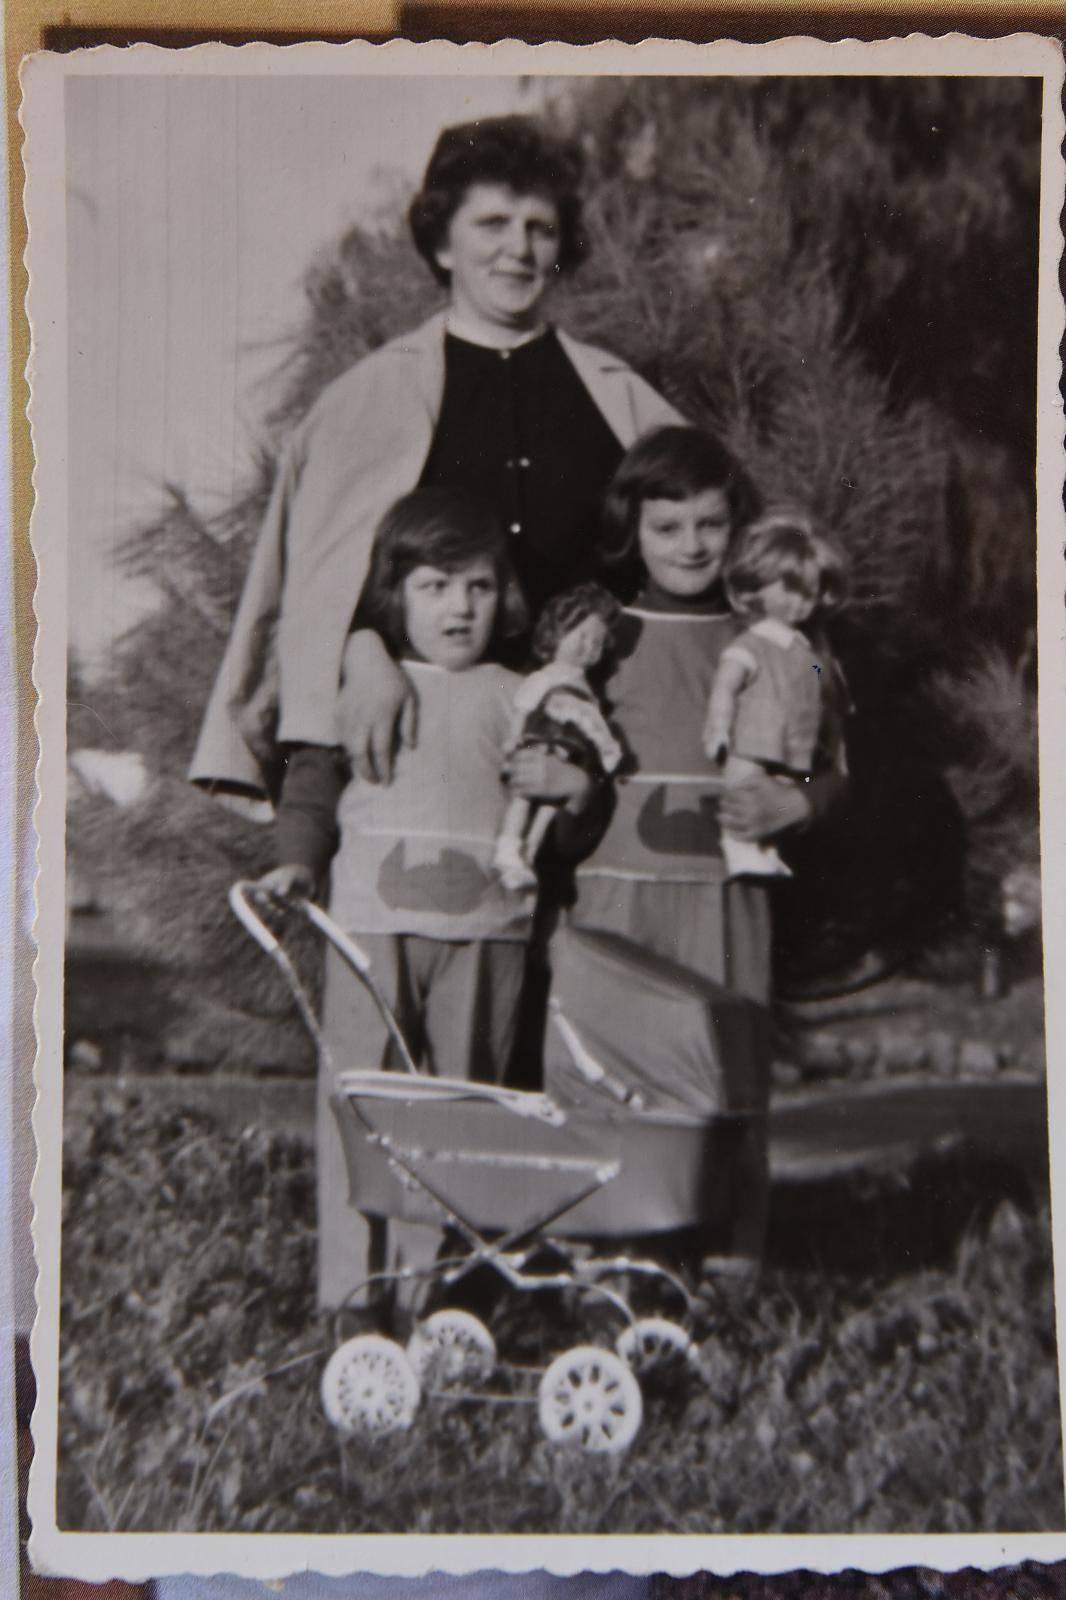 Našao curice iz Pule nakon 56 godina: 'Mi smo sestre sa slike'